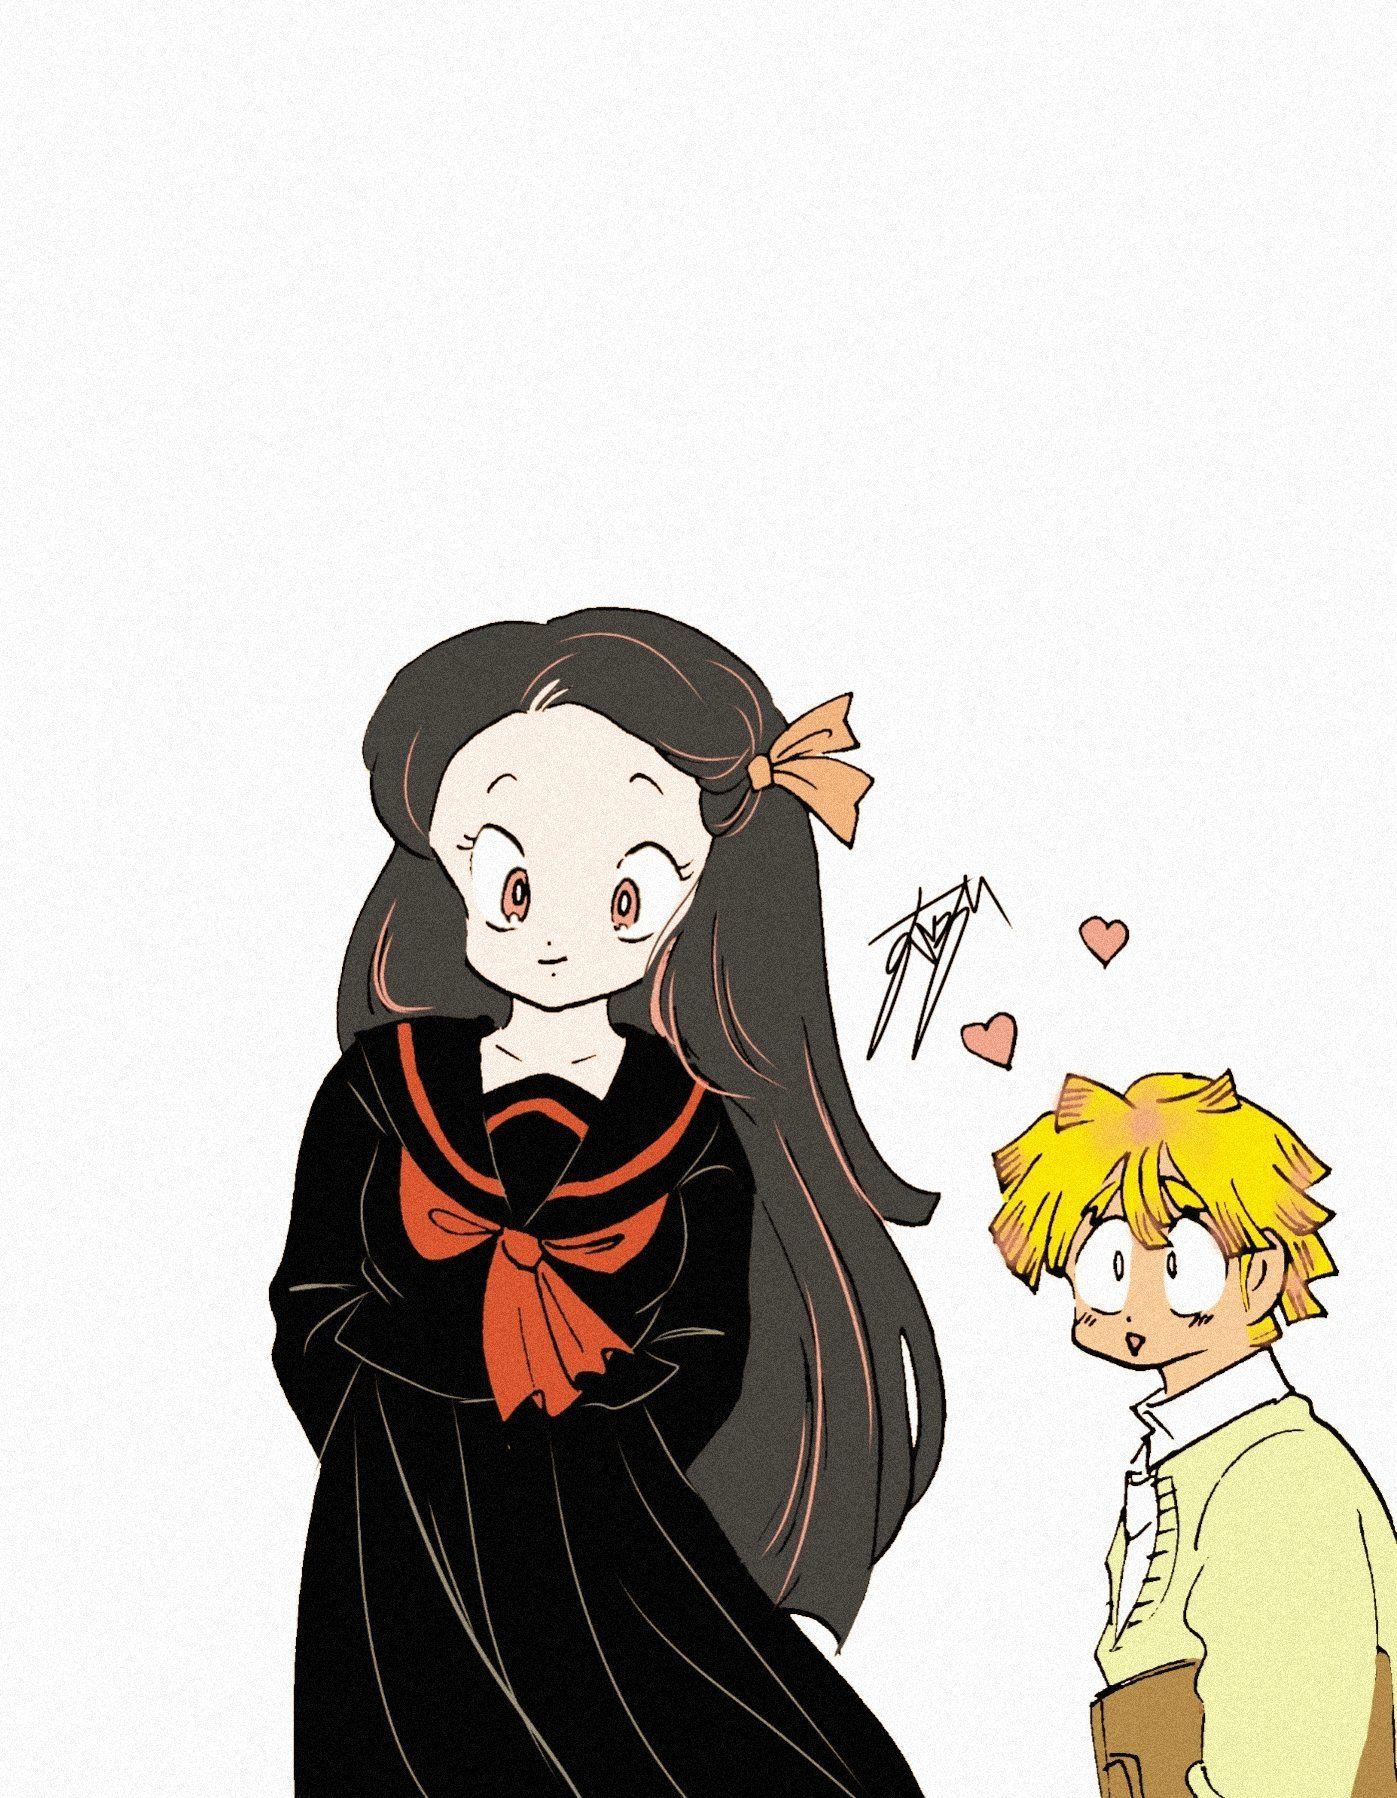 すべてぬげ on twitter anime anime style 90s anime